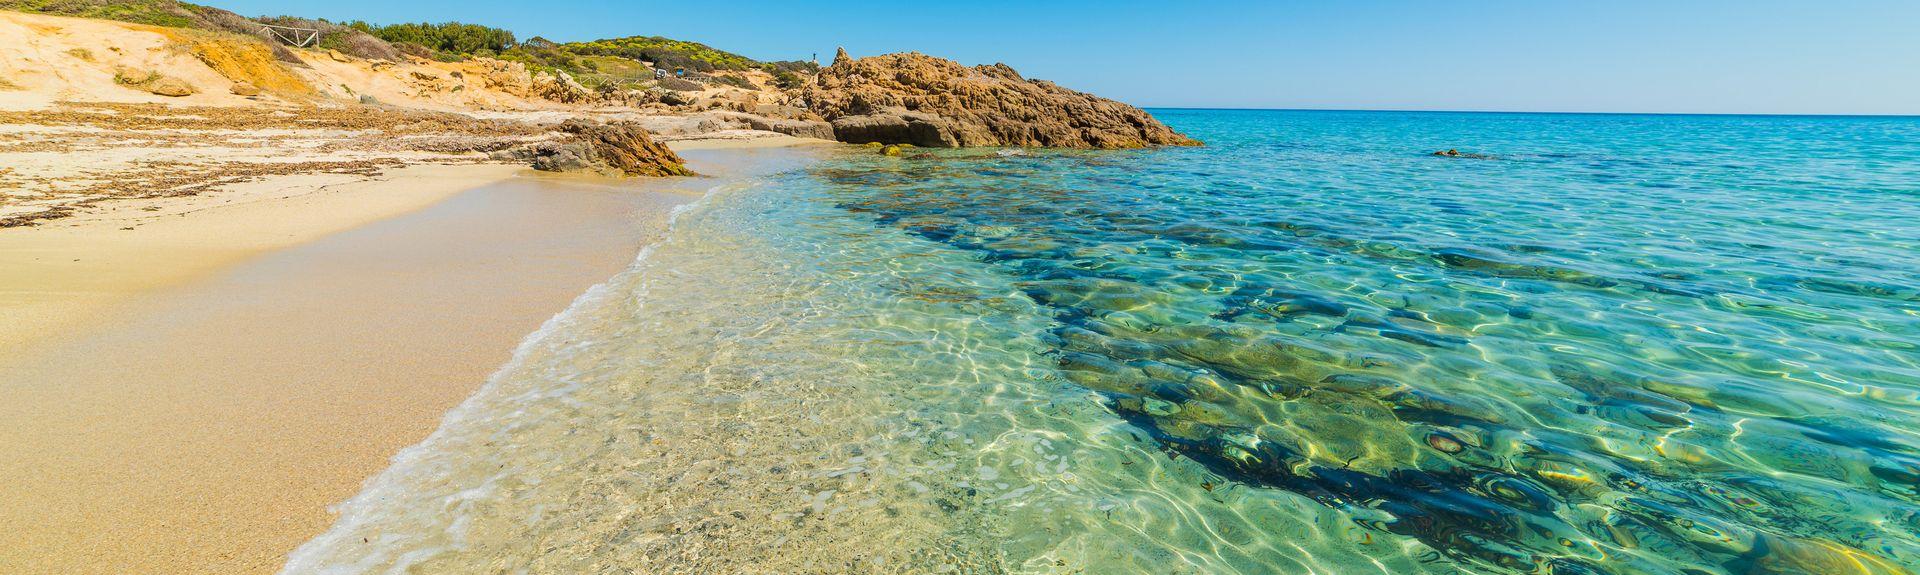 Campulongu Beach, Villasimius, Italy